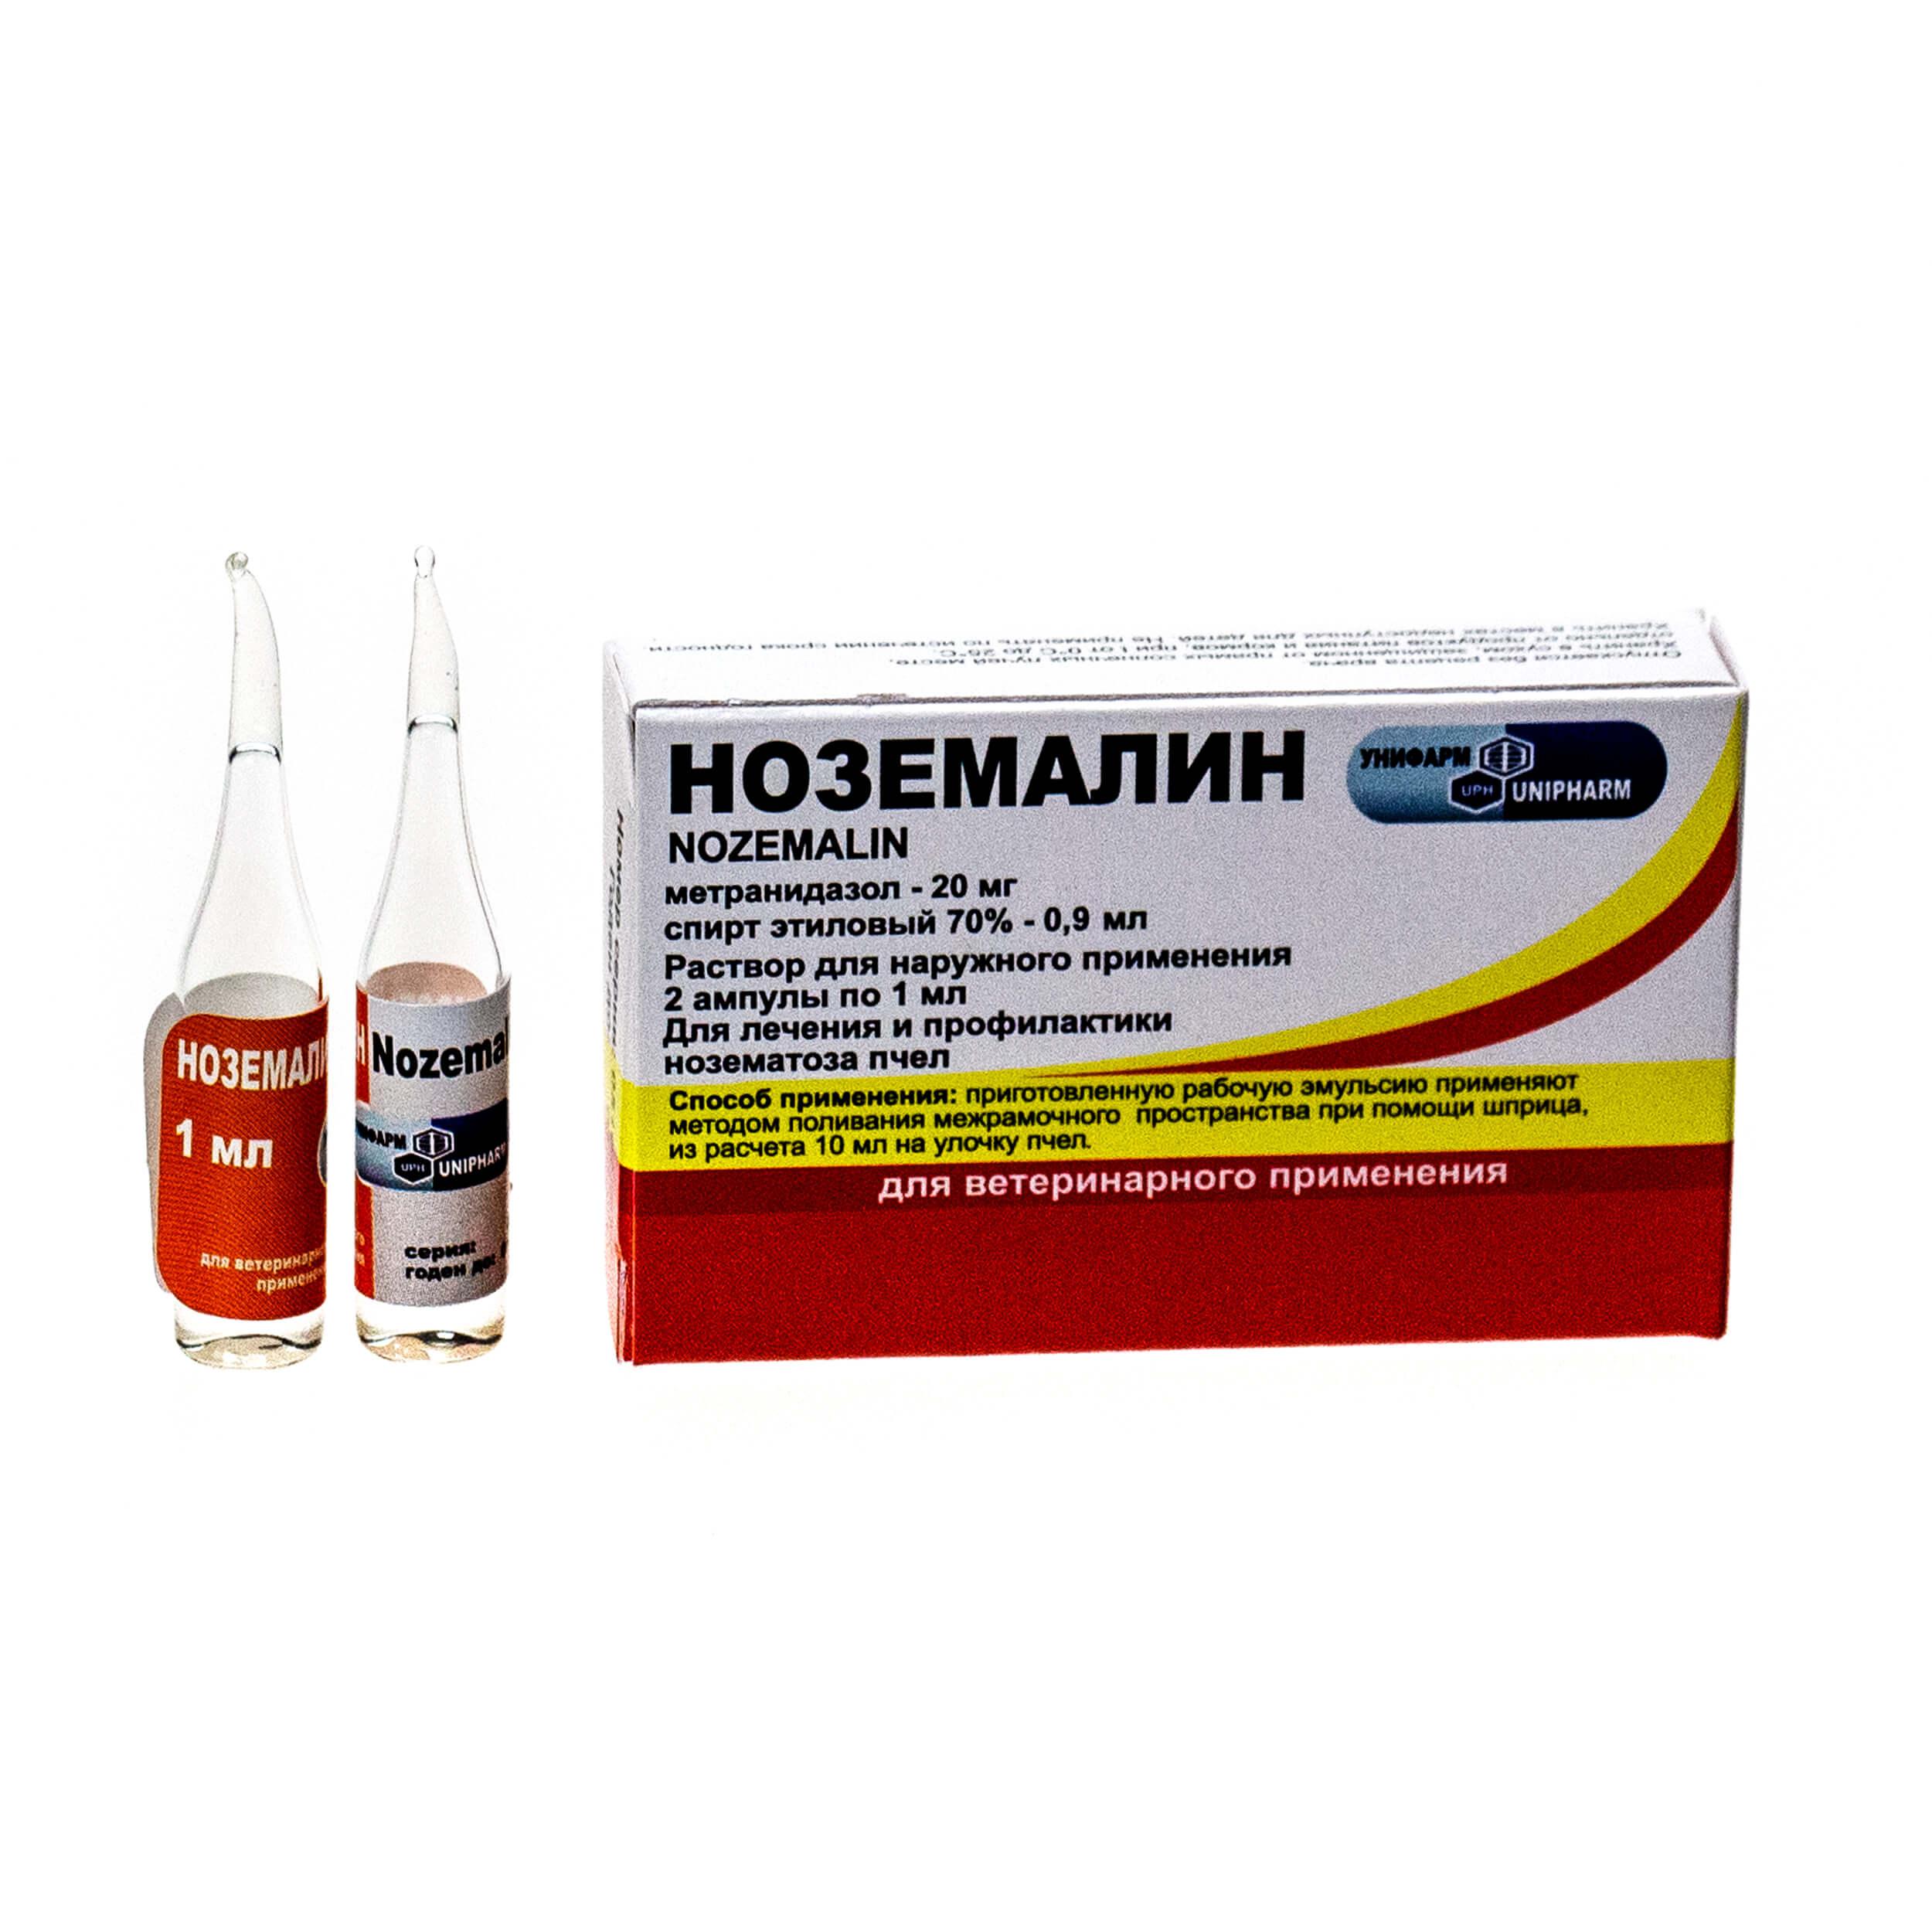 Ноземалин (2 ампулы по 1 мл) фото